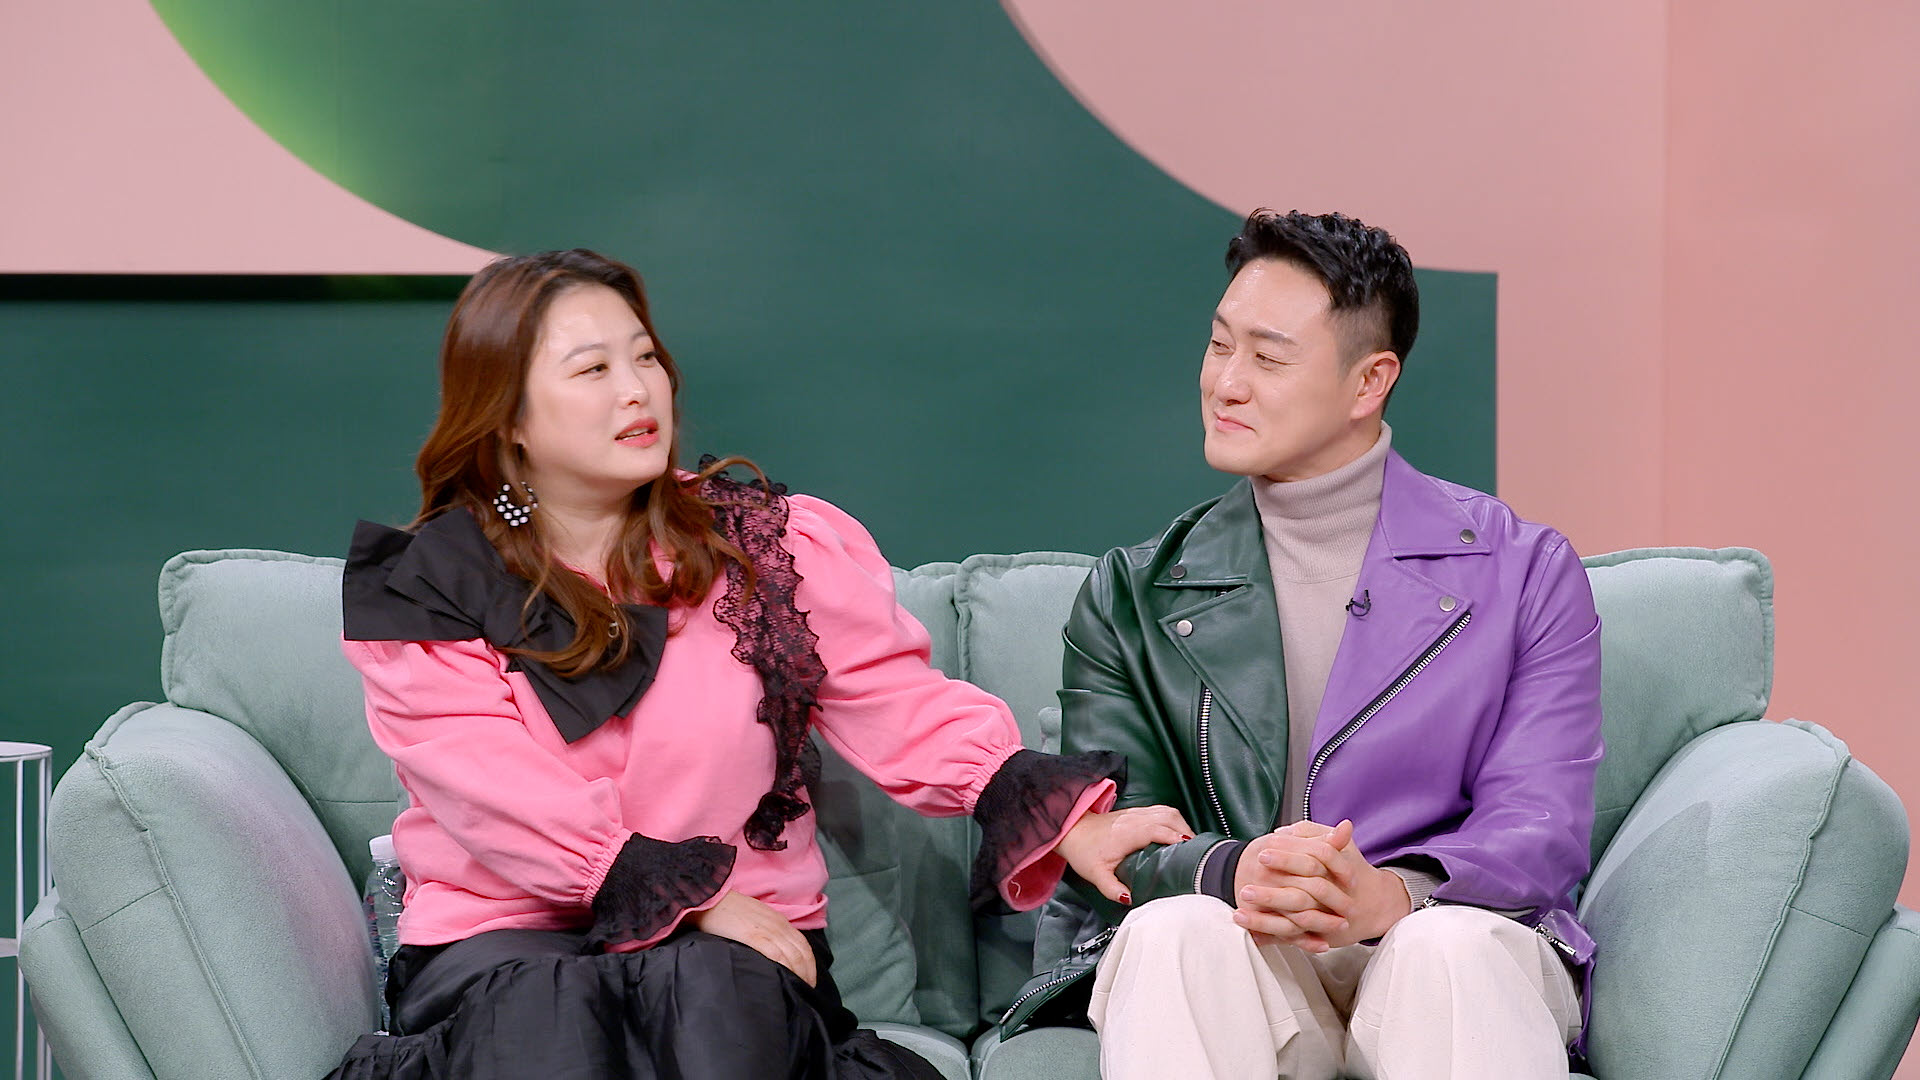 """김원효, 심진화 몰래 차 구매→이혼위기 """"망치 맞은 느낌""""(1호가 될 순 없어)"""